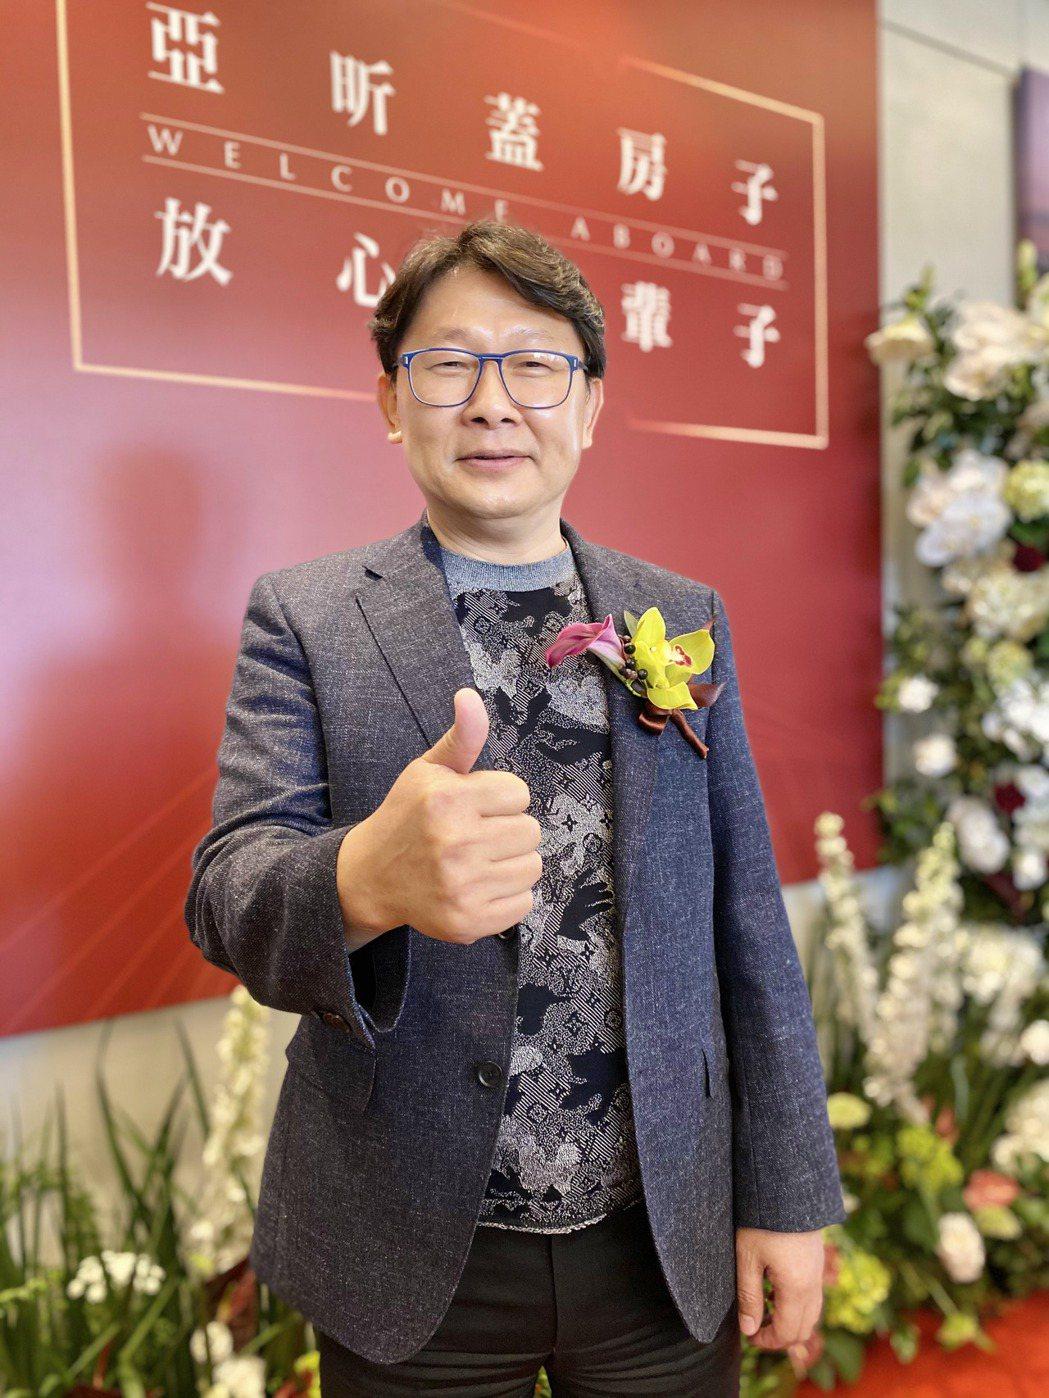 「林口王」亞昕集團董事長姚連地今天主持台中分公司開幕儀式。記者宋健生/攝影